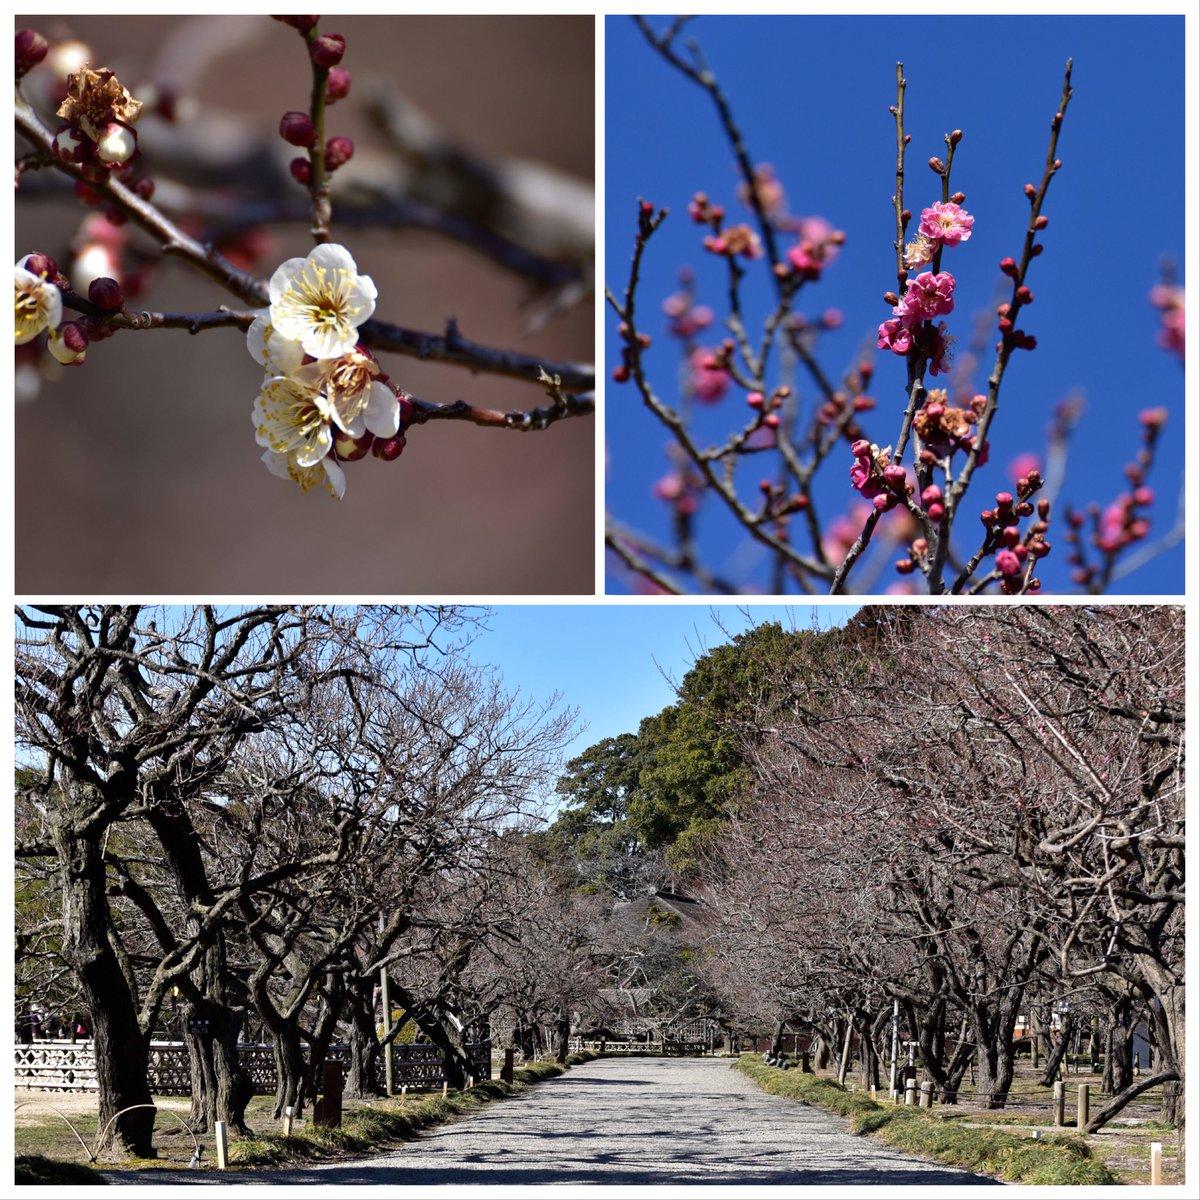 こんにちは。 先週くらいまでの雪が降る様な寒い気温から、風は冷たいですが少しだけ暖かい昼間になりましたね。  春はもう少し! さて、2月20日から水戸の梅まつりが開催されますよ! 気になる偕楽園の梅の開花状況ですが、少しだけ様子を見て来ました。